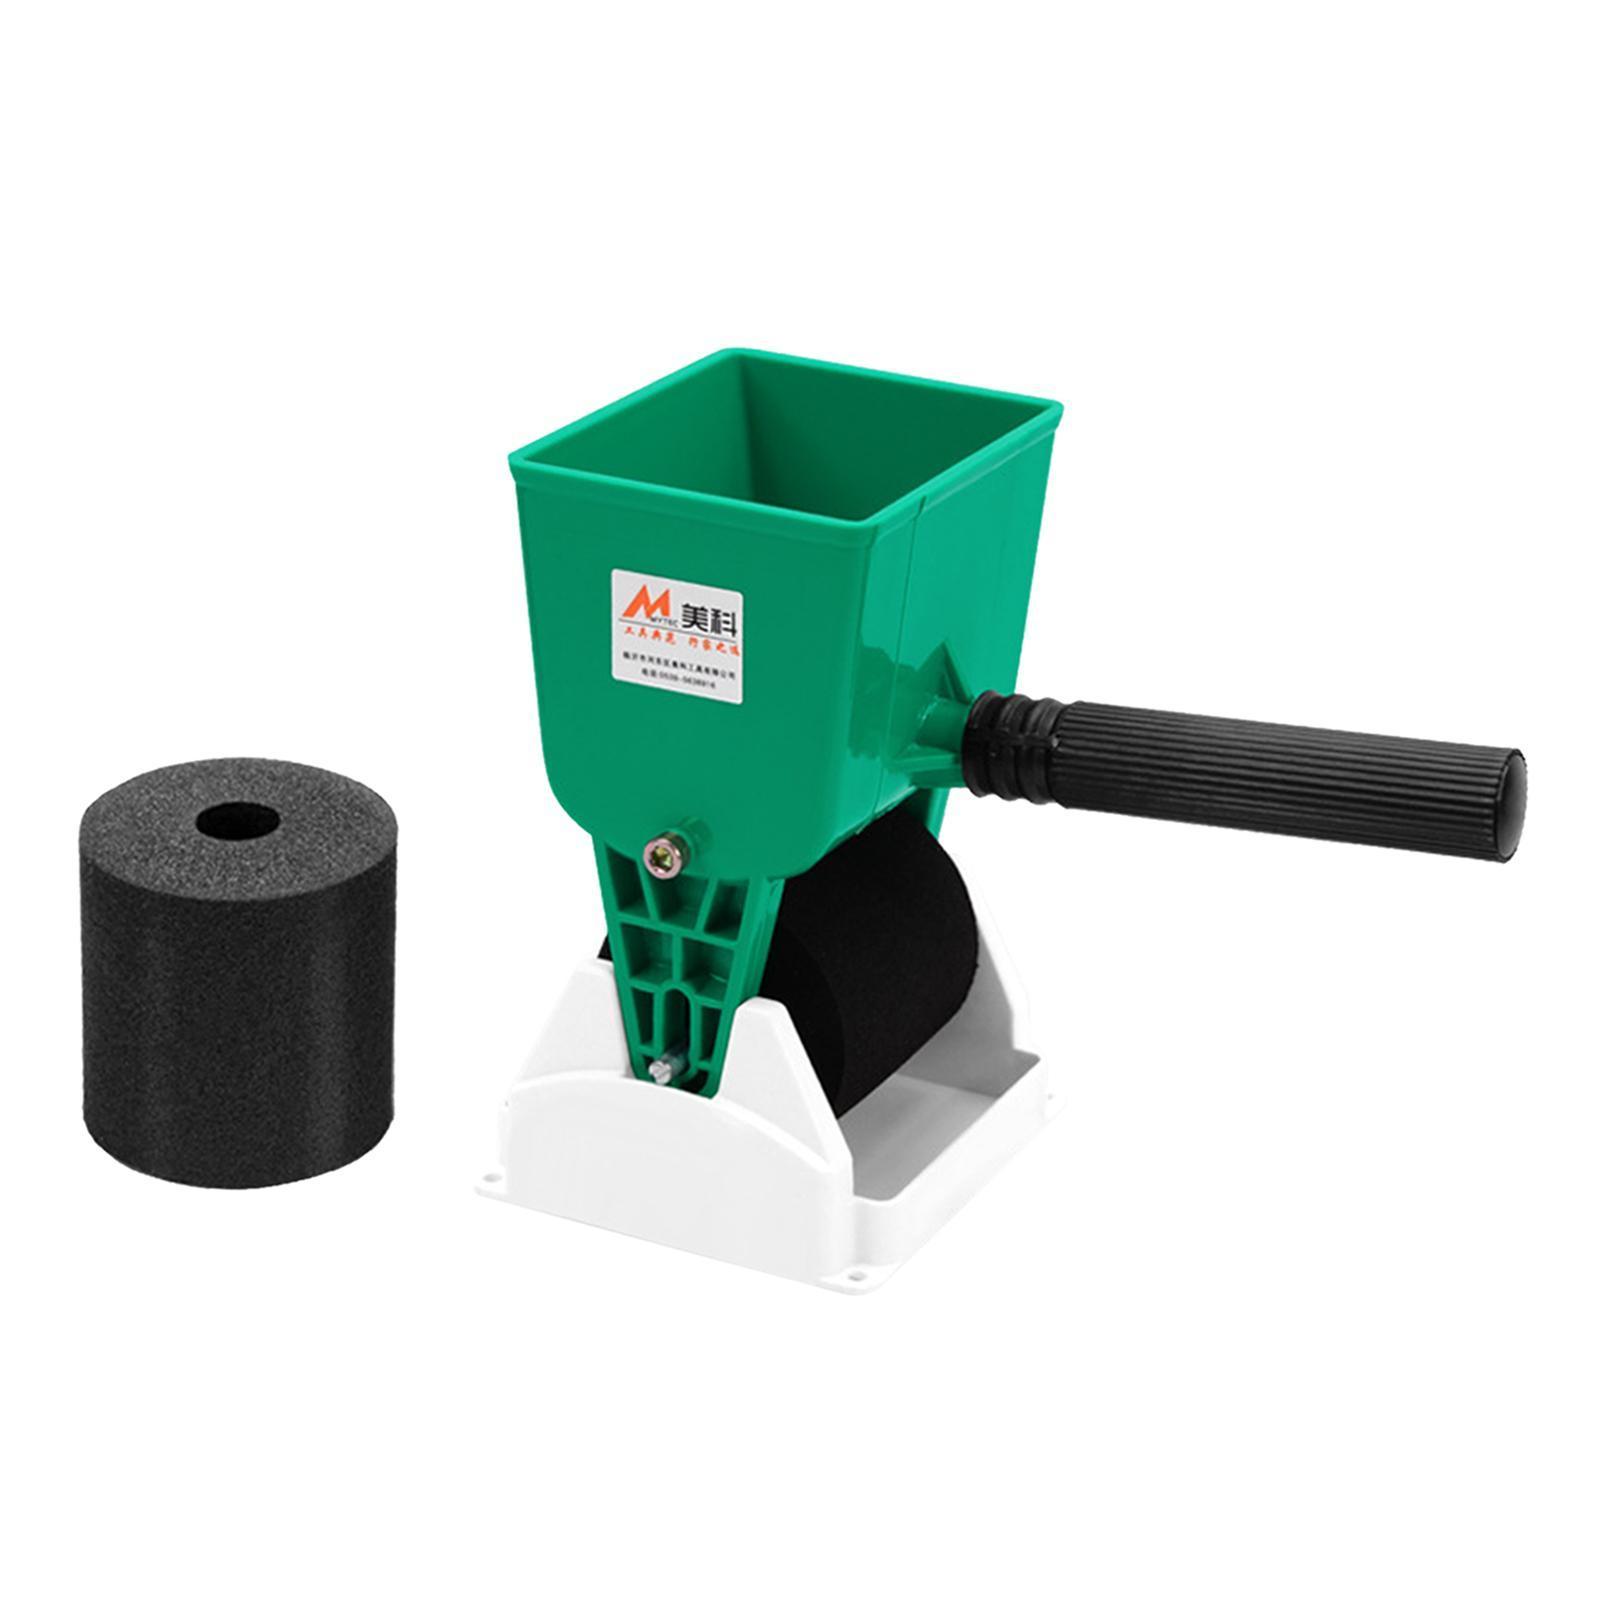 miniatura 6 - 180mL/320mL Portatile Colla Applicatore Rullo Professionale Rivestito Colla